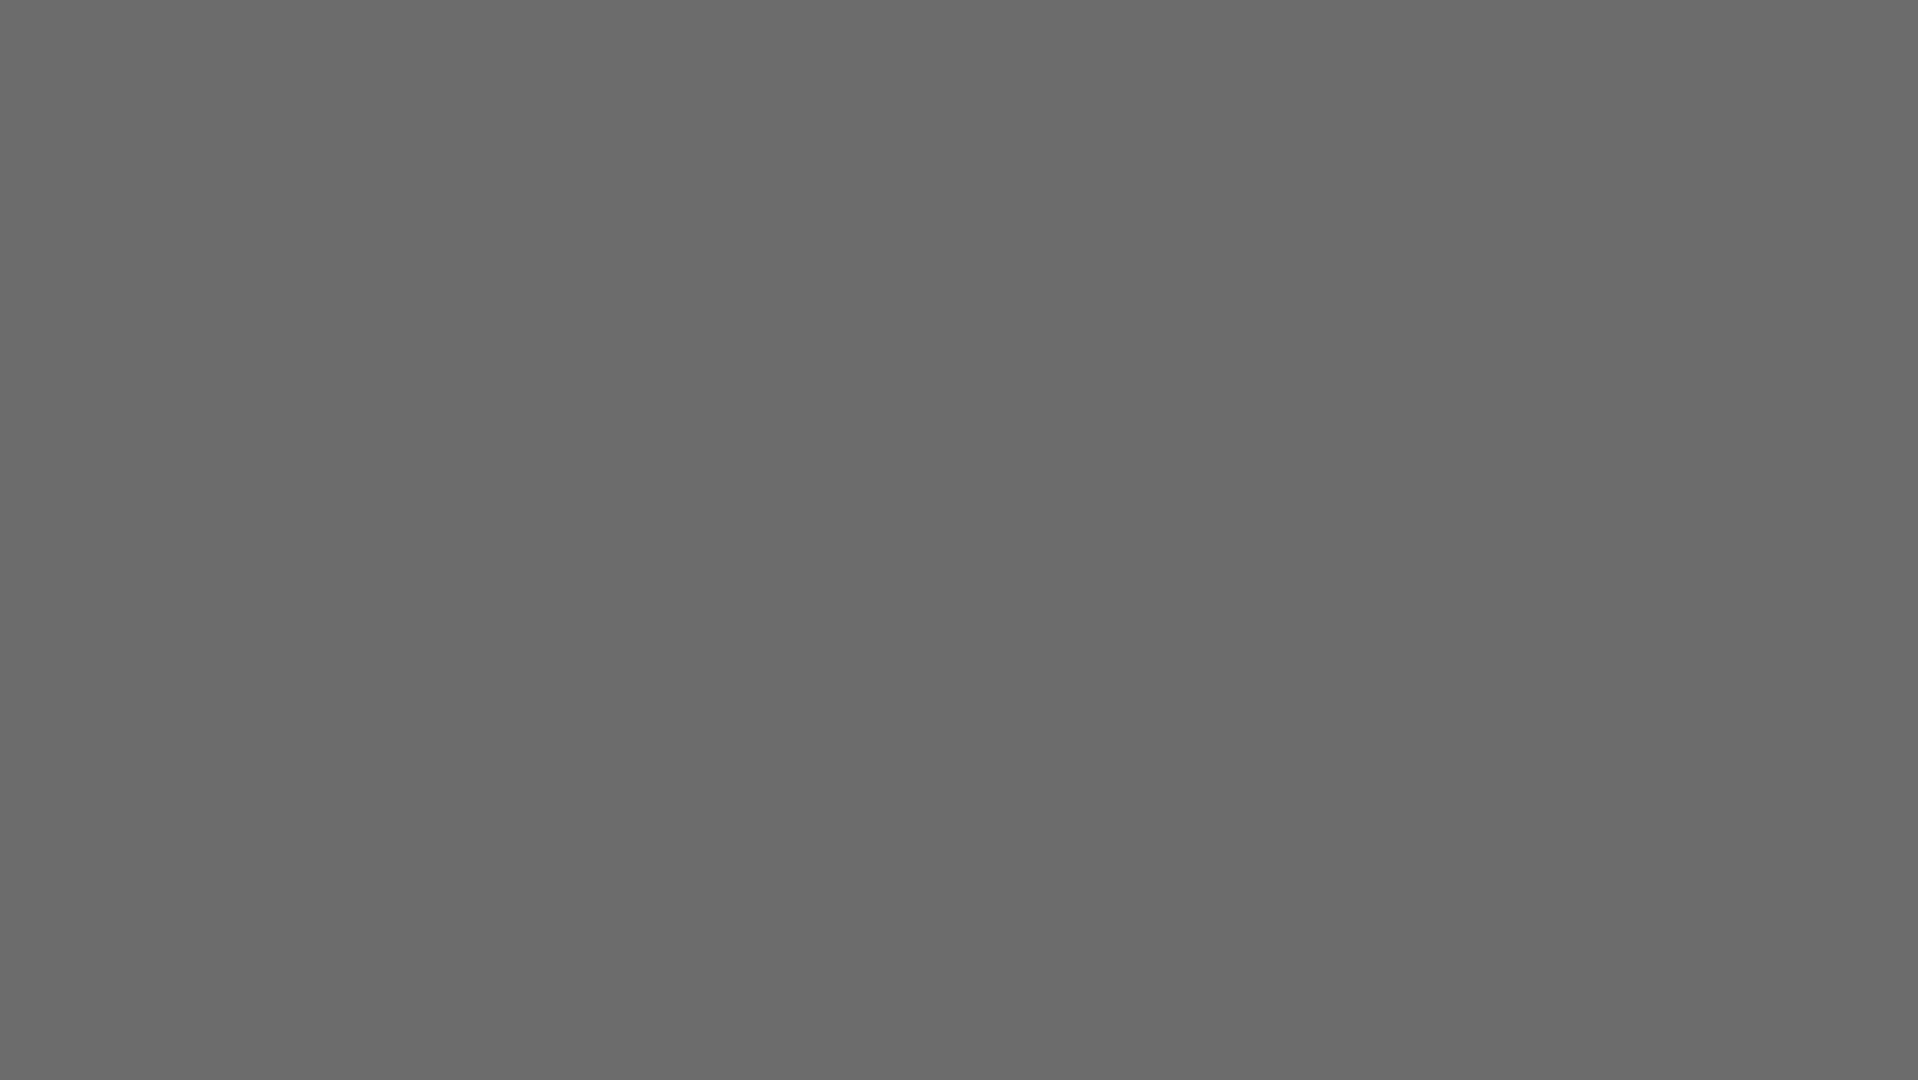 Maecenas libero lorem, tempor et sagittis non, pellentesque quis arcu. Aliquam ultricies urna sit amet dui facilisis, quis eleifend ante finibus. Aliquam et ex id ex euismod sodales vel vitae nibh. Praesent in erat ligula. Pellentesque vulputate consectetur purus, eget viverra lorem lobortis a. Nullam euismod mi at mollis sollicitudin.